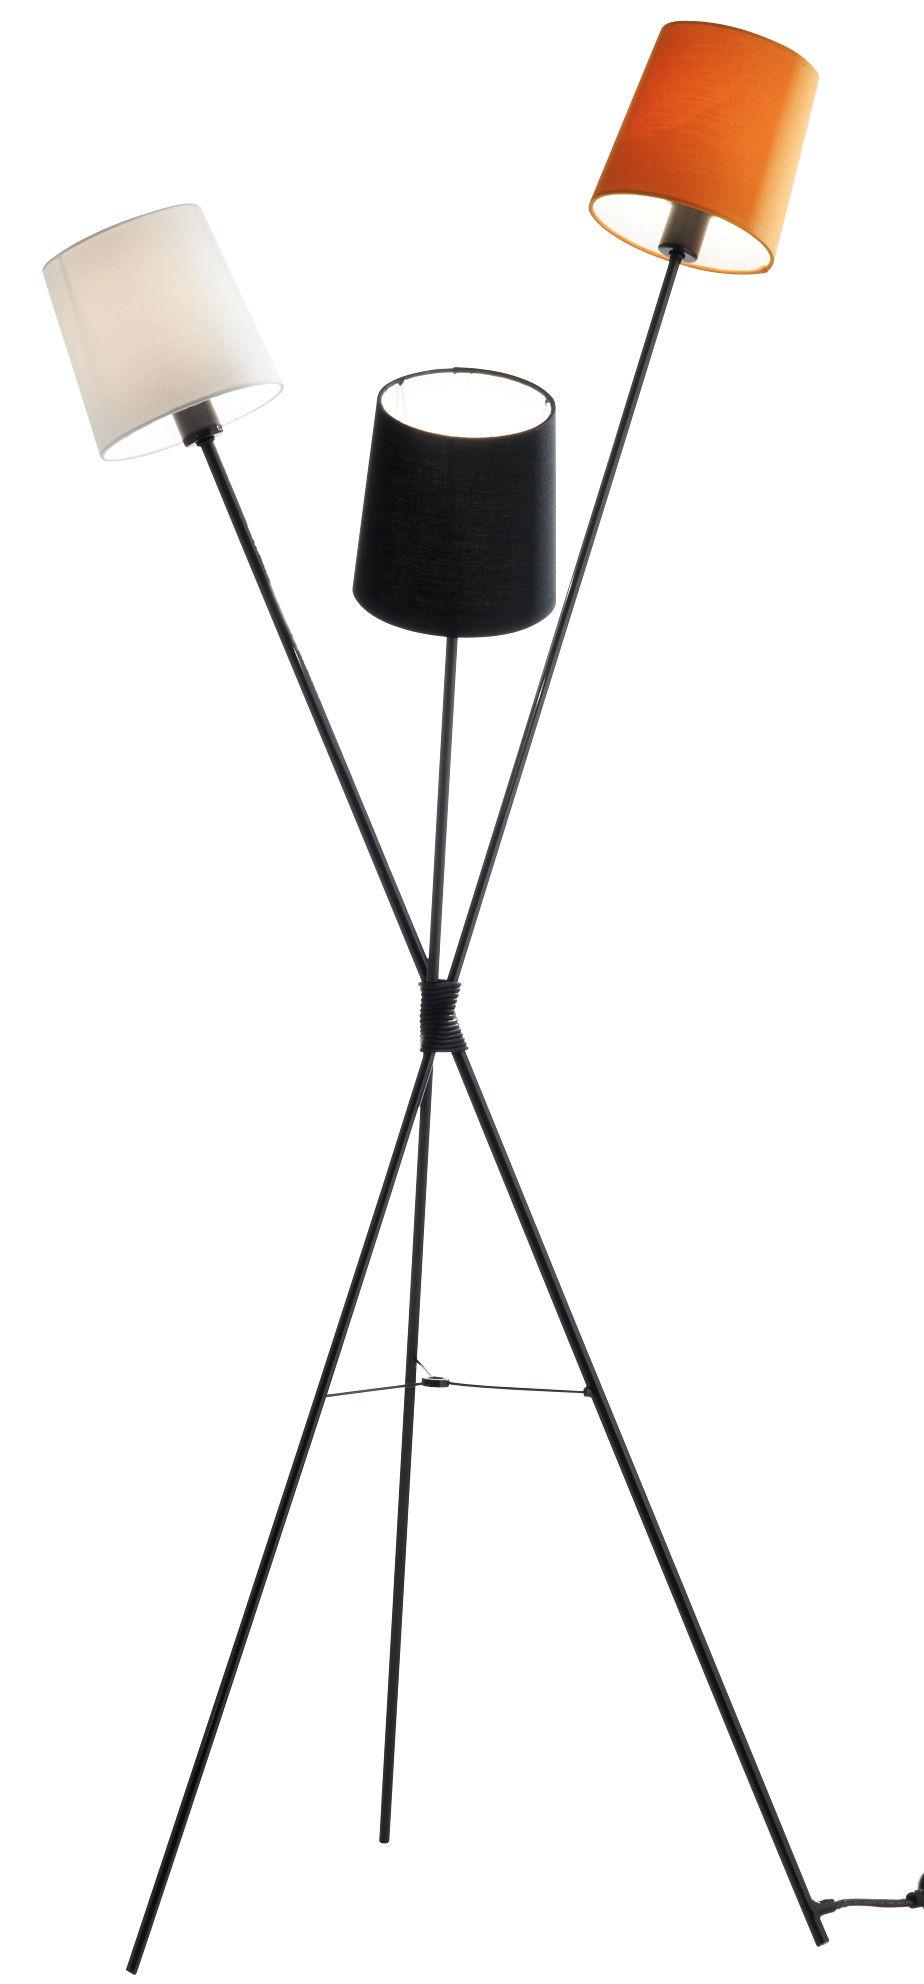 dexter frandsen stehleuchte. Black Bedroom Furniture Sets. Home Design Ideas